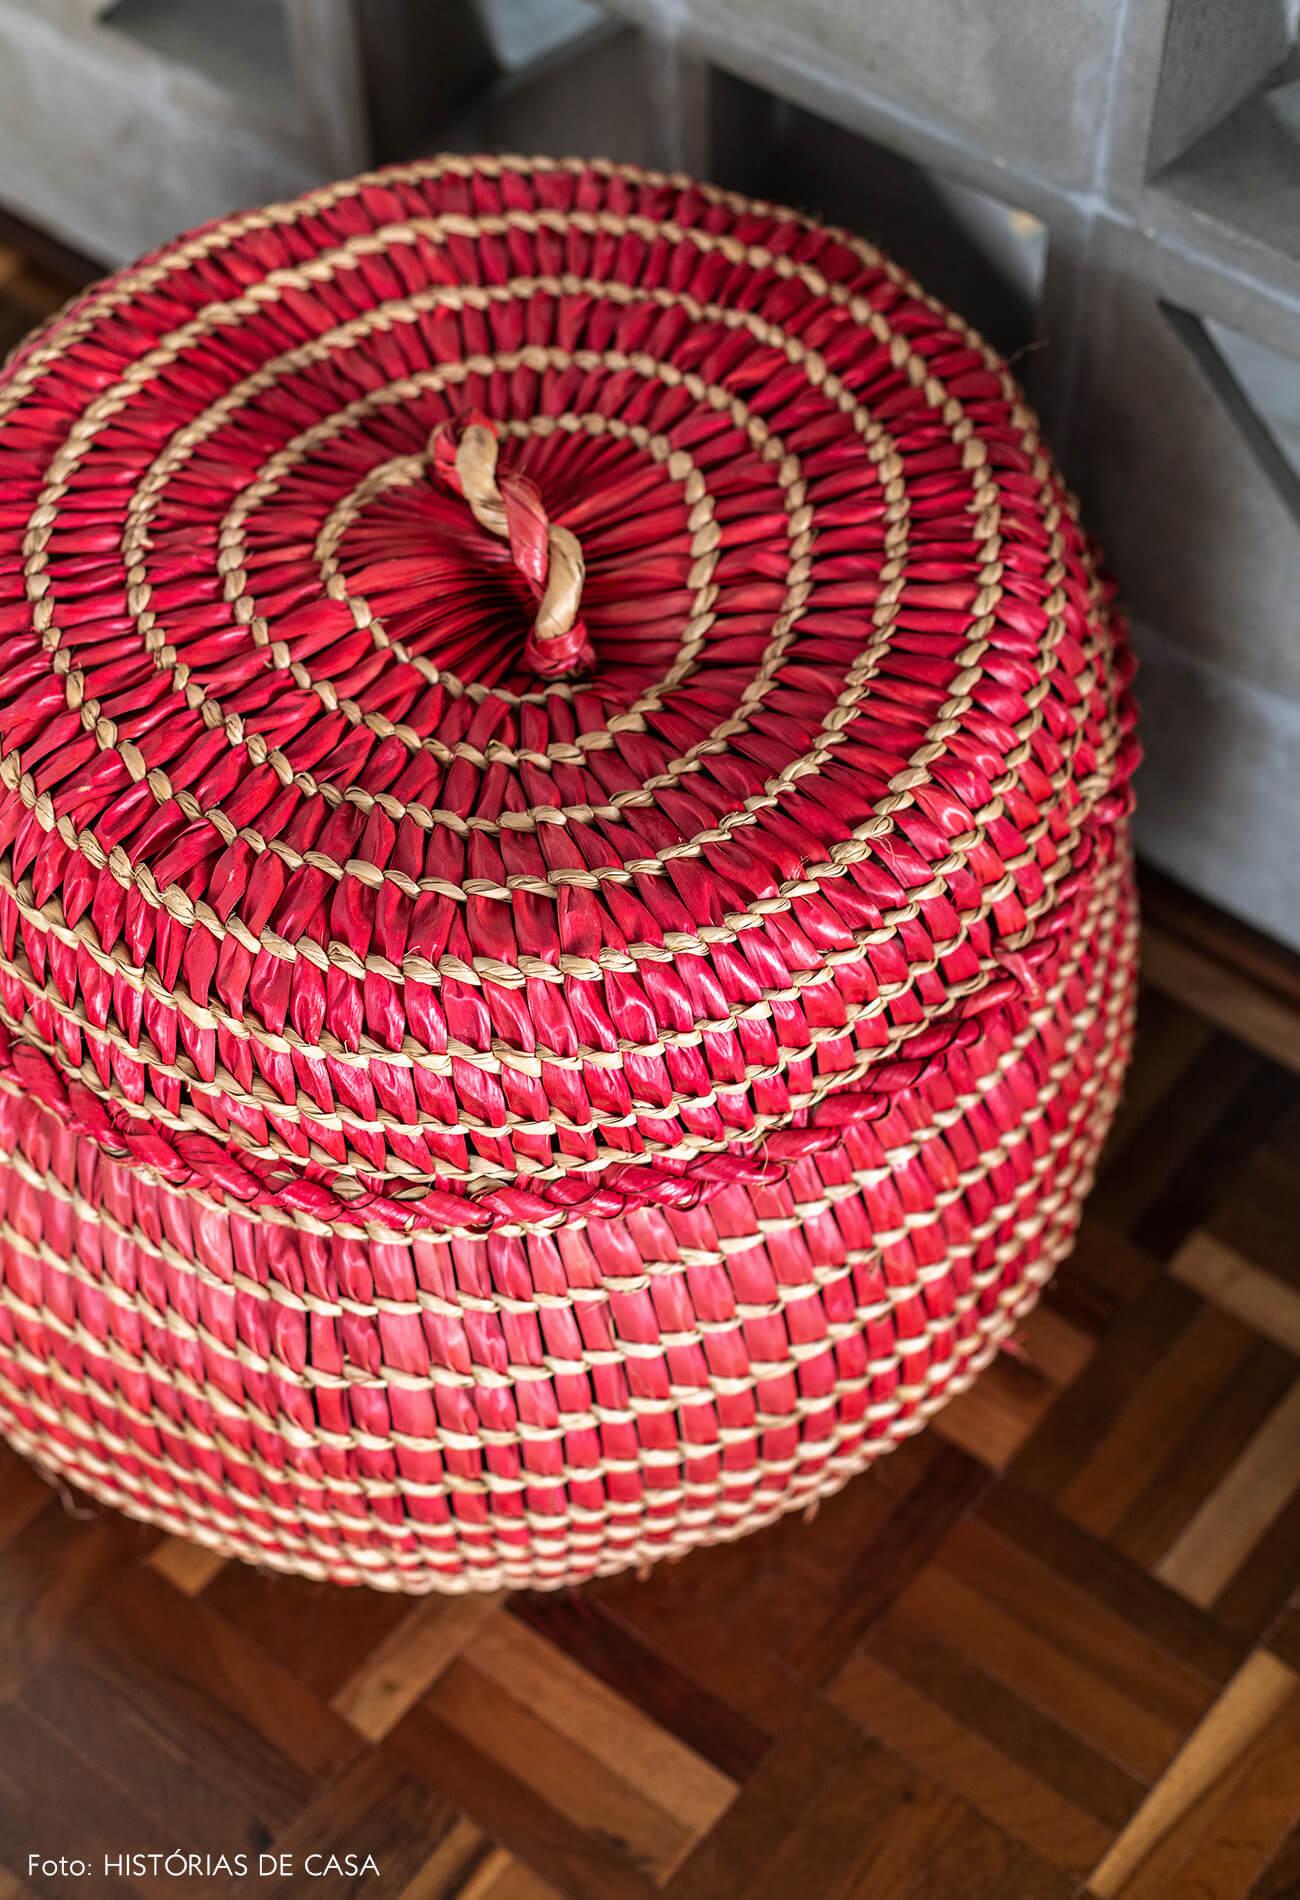 detalhe-cesto-vermelho